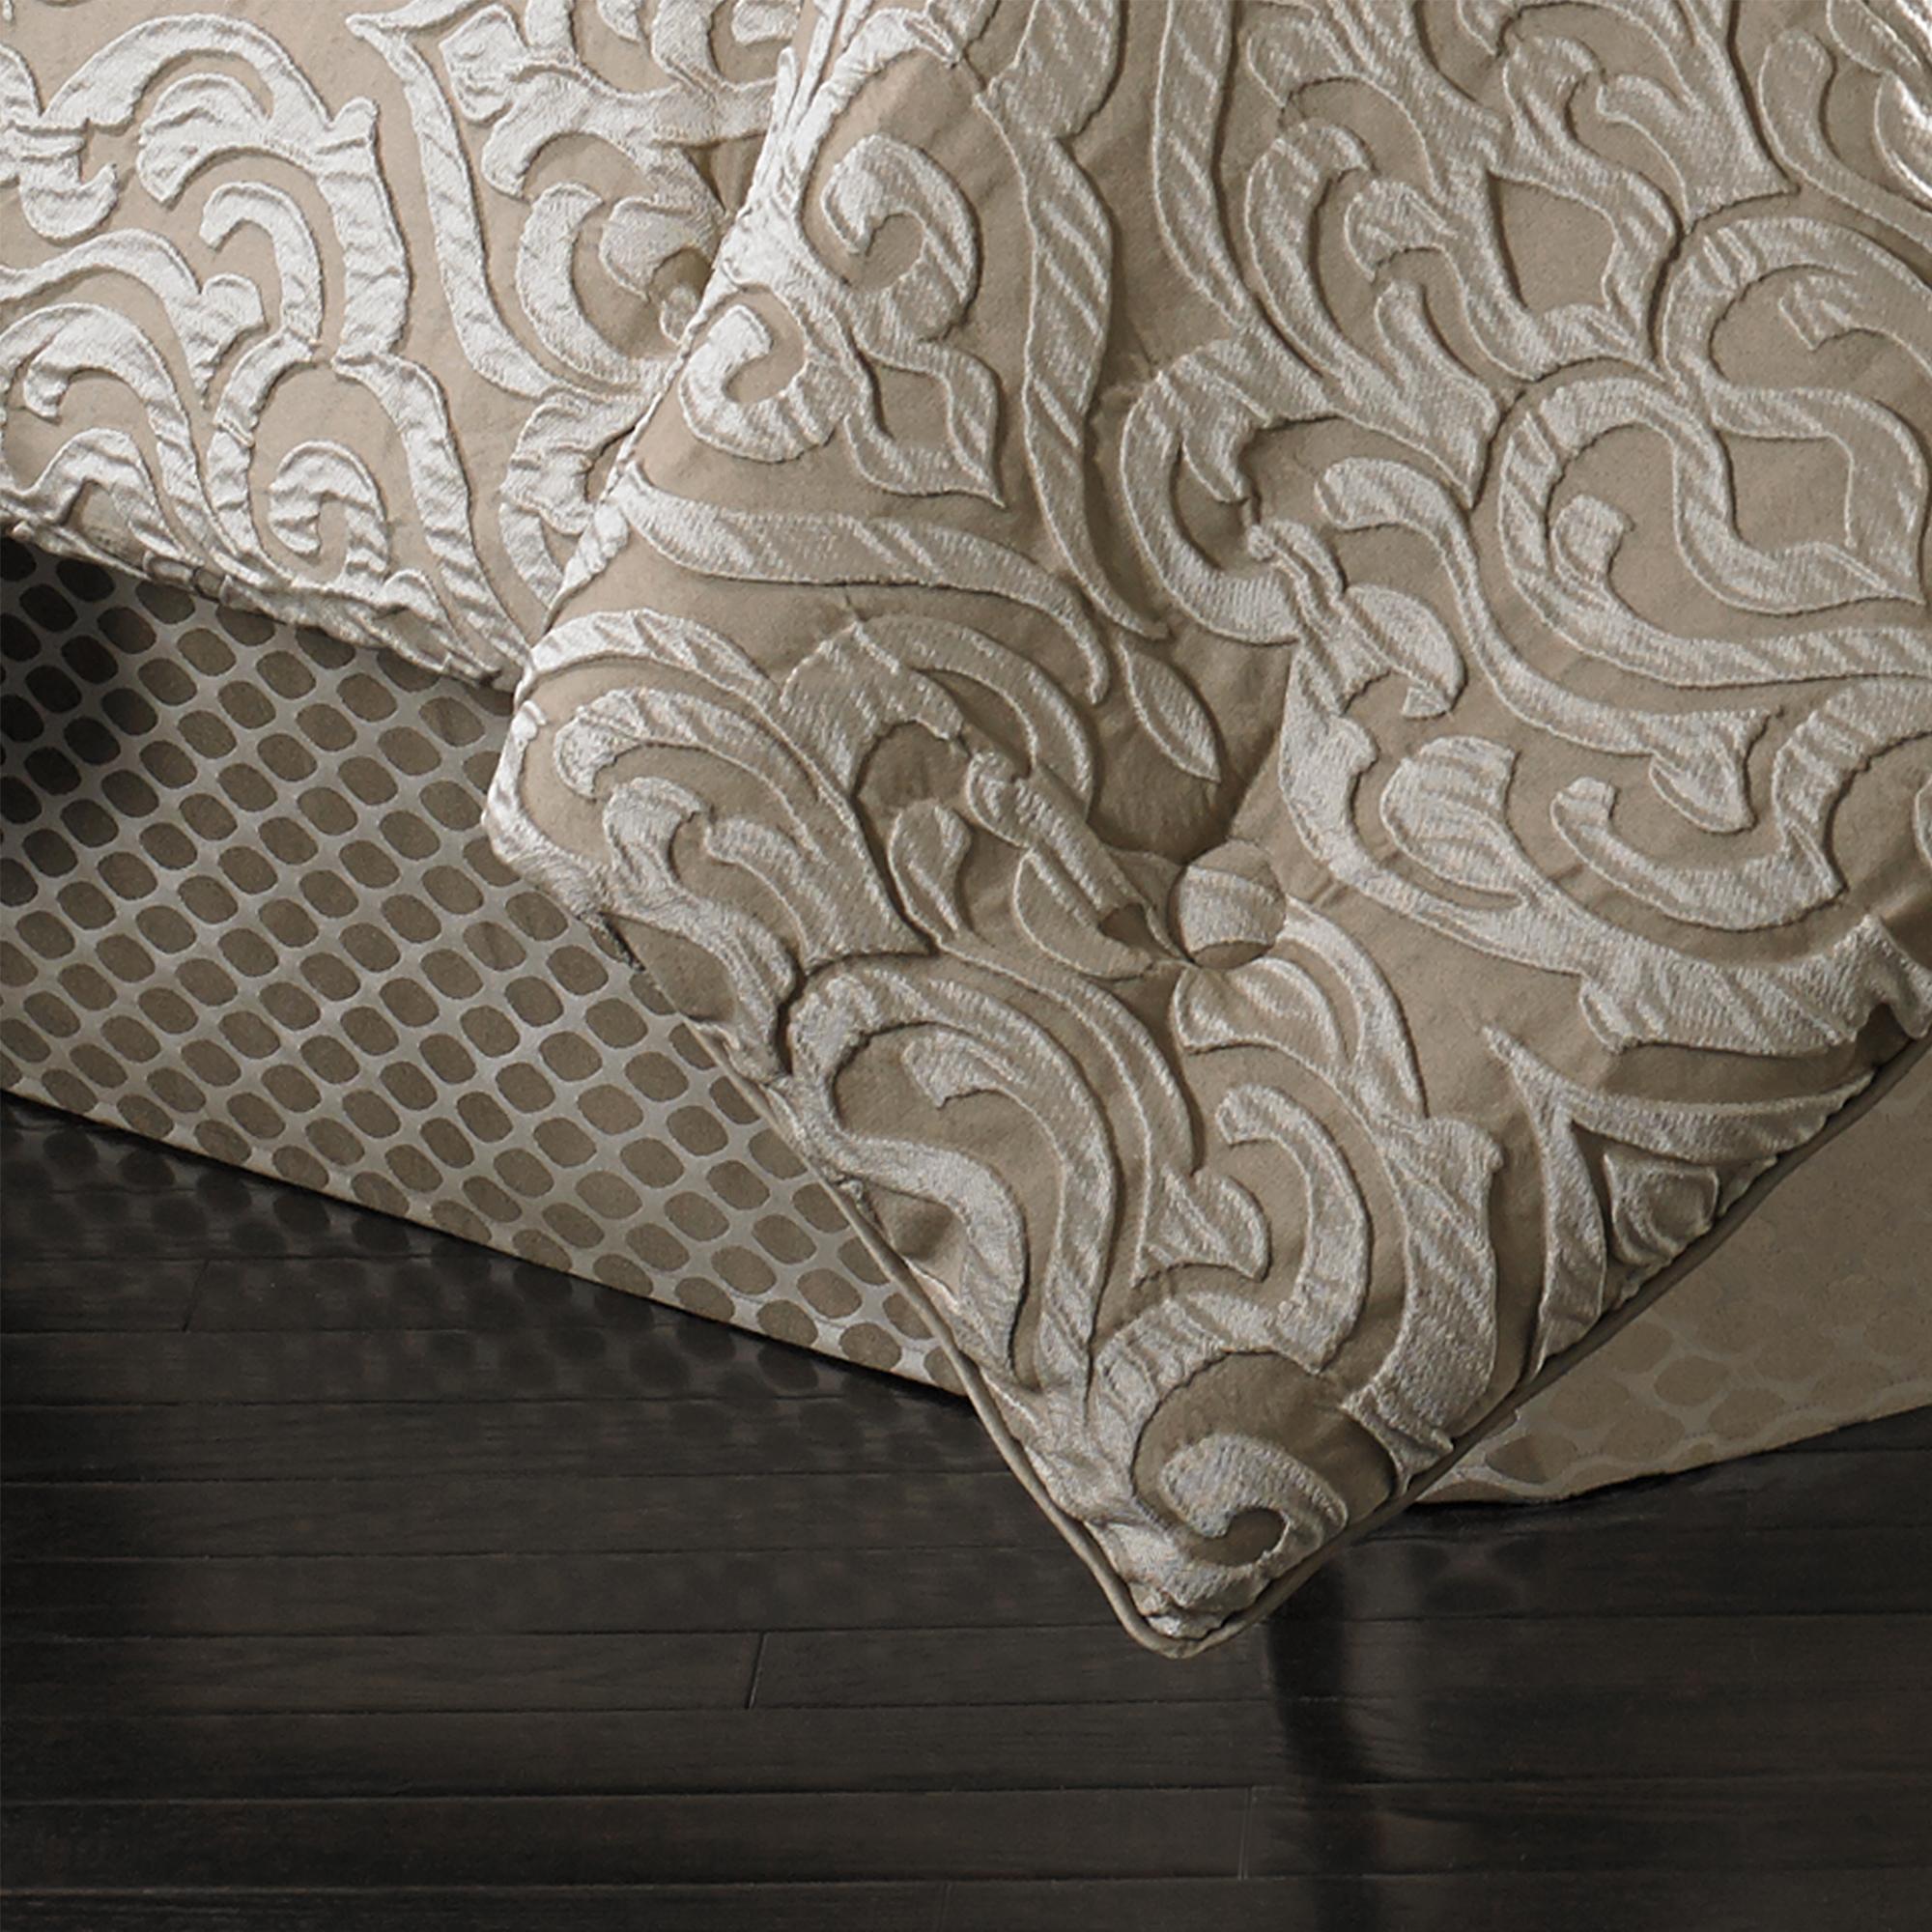 Astoria Sand Queen 4 Piece Comforter Set